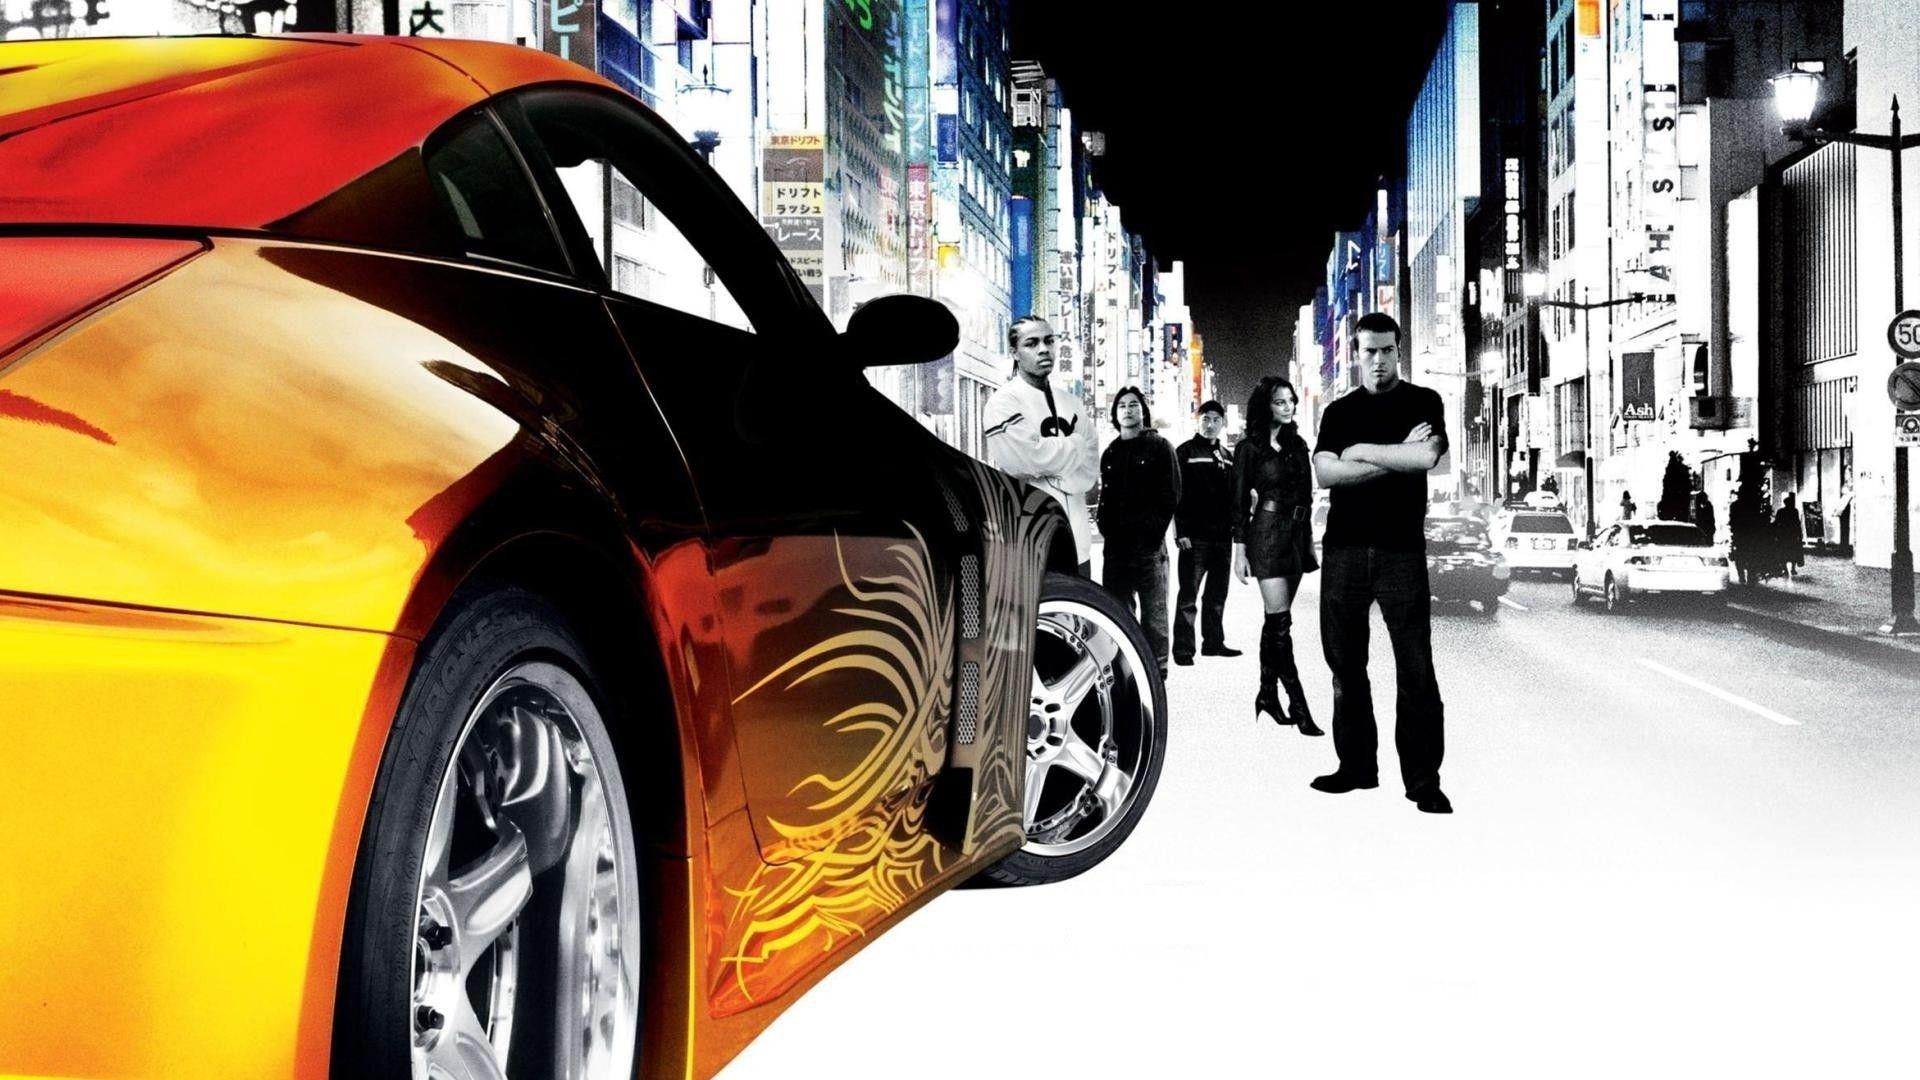 Tokyo Drift Wallpapers Top Free Tokyo Drift Backgrounds